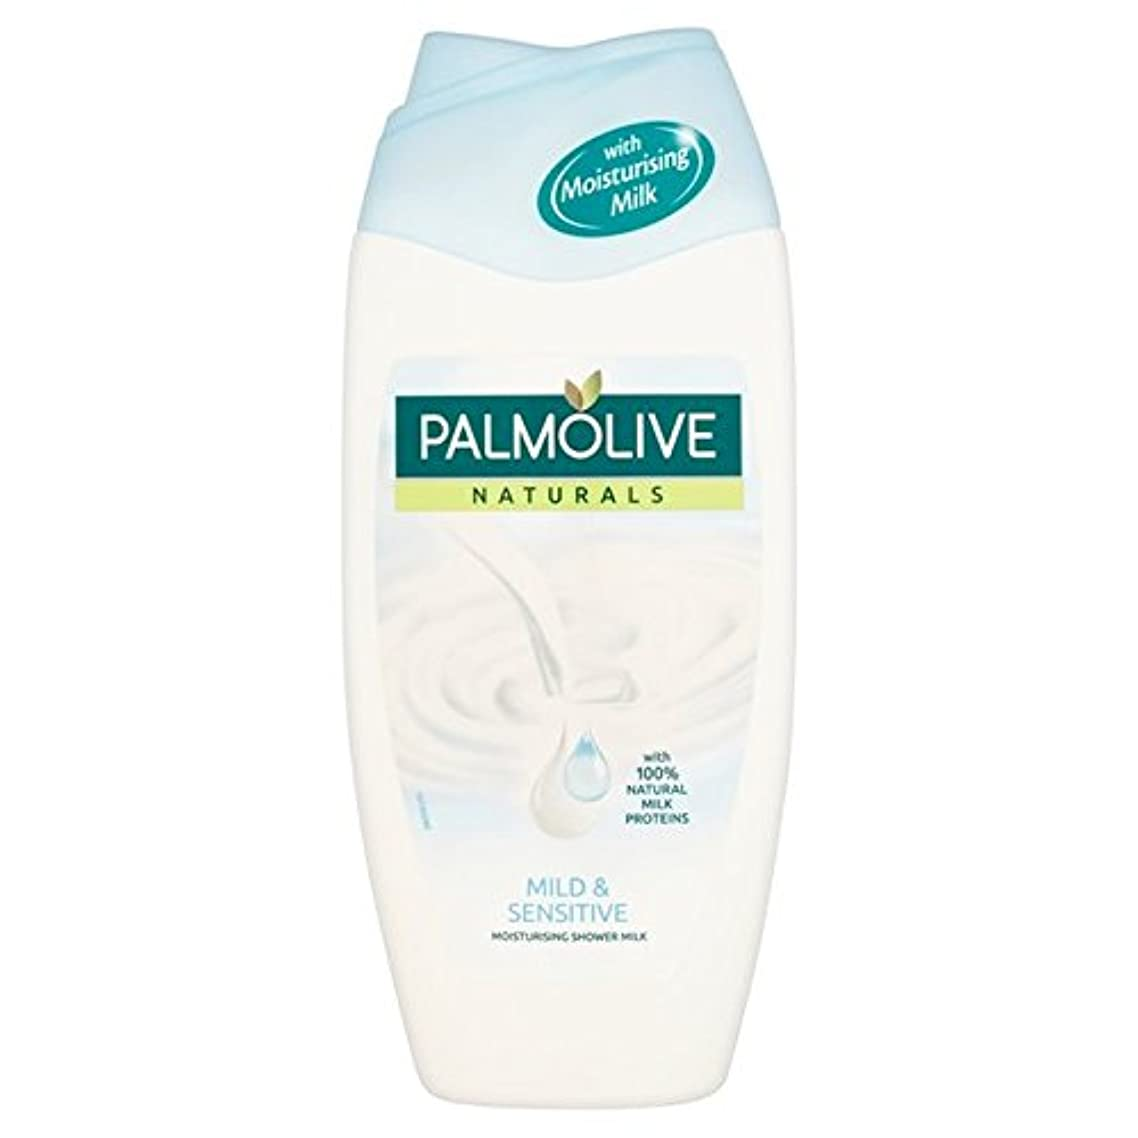 配偶者複雑なかみそりパルモナチュラルシャワーミルクマイルド&敏感250ミリリットル x4 - Palmolive Naturals Shower Milk Mild & Sensitive 250ml (Pack of 4) [並行輸入品]